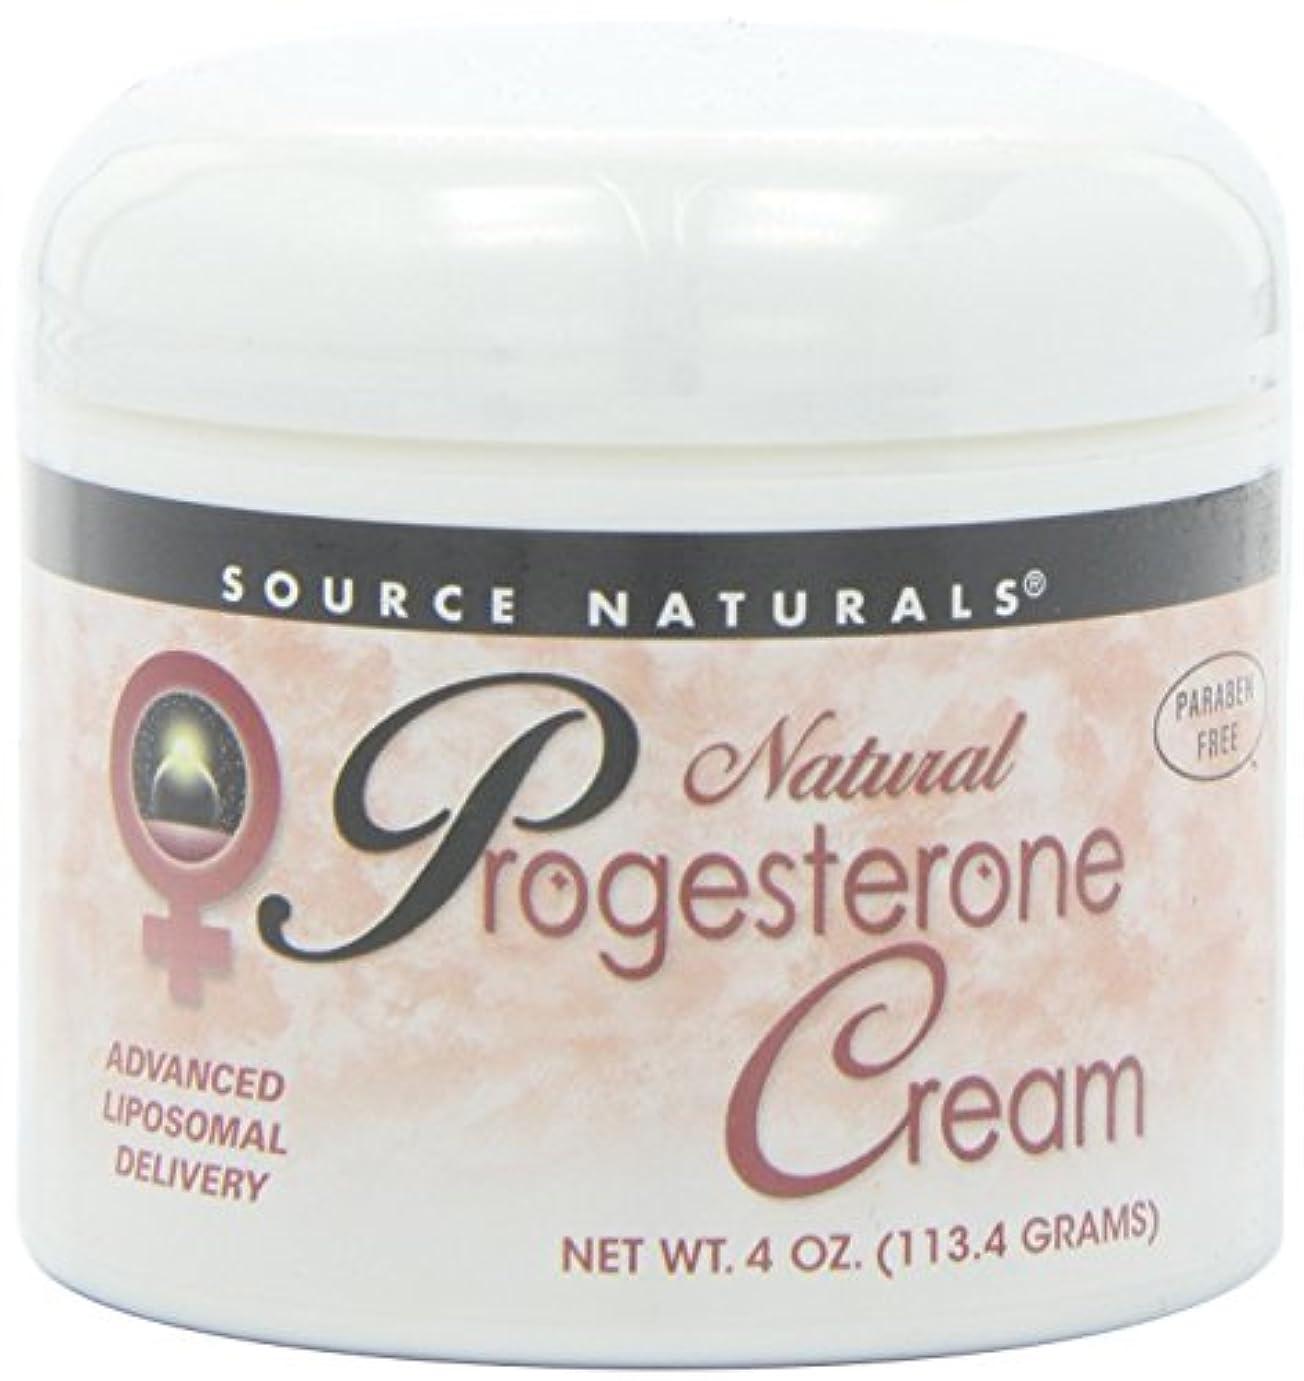 消費ひらめきうそつきSource Naturals Natural Progesterone Cream, 4 Ounce (113.4 g) クリーム 並行輸入品 [並行輸入品]